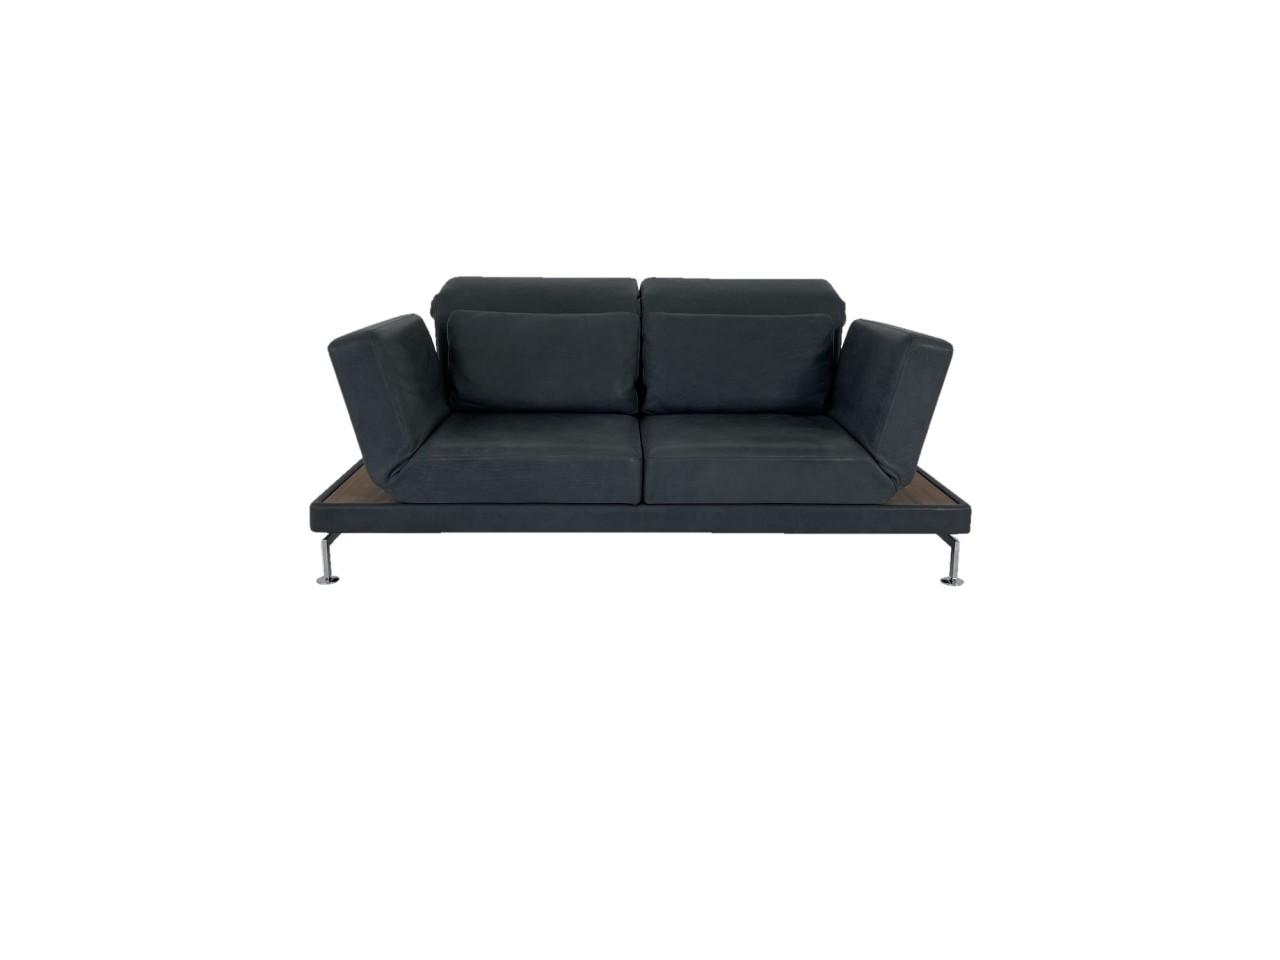 Brühl MOULE Medium Sofa in OLIVA Naturleder anthrazit mit Ablagen in Nussbaum